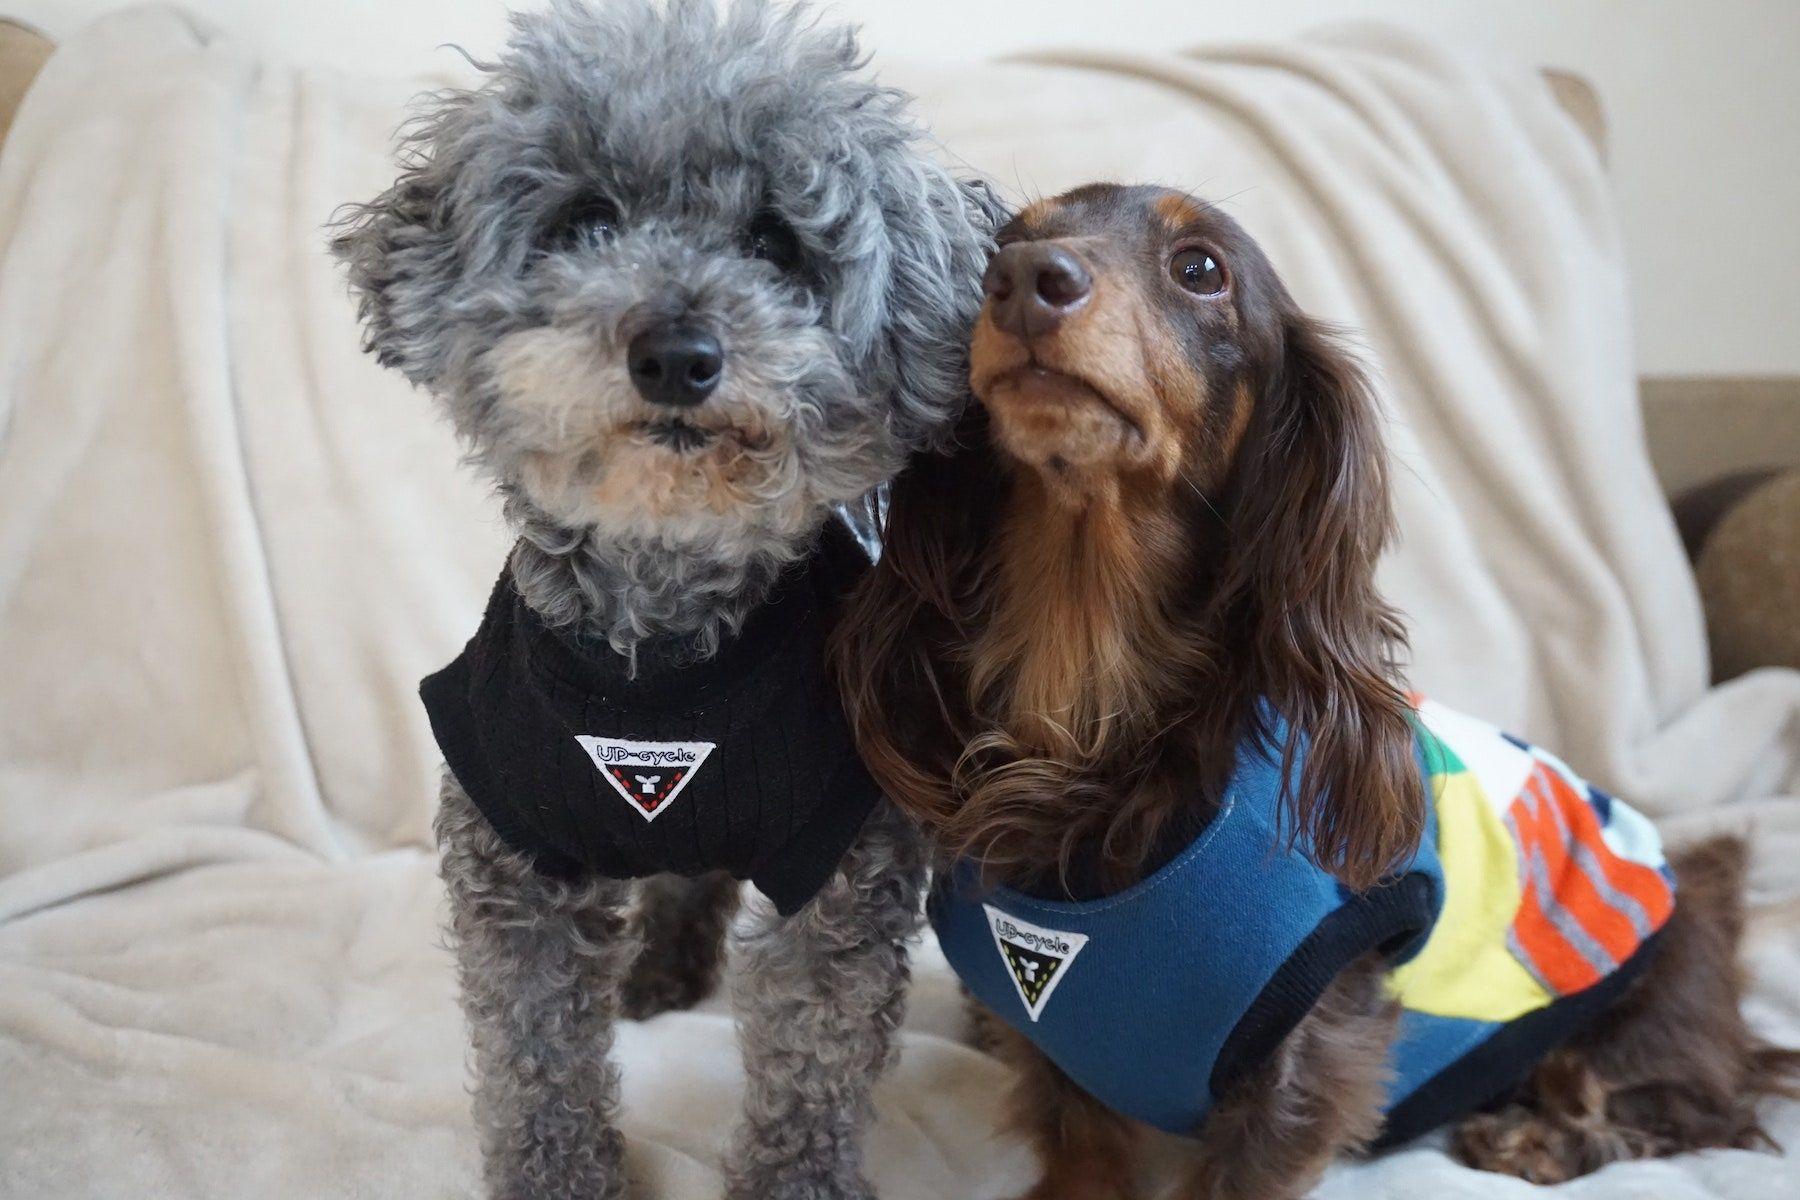 愛犬との生活をサステナブルにアップデート 地球とペットに優しいグッドデザイン 今週のサステナtips ペット 犬 おもちゃ 犬